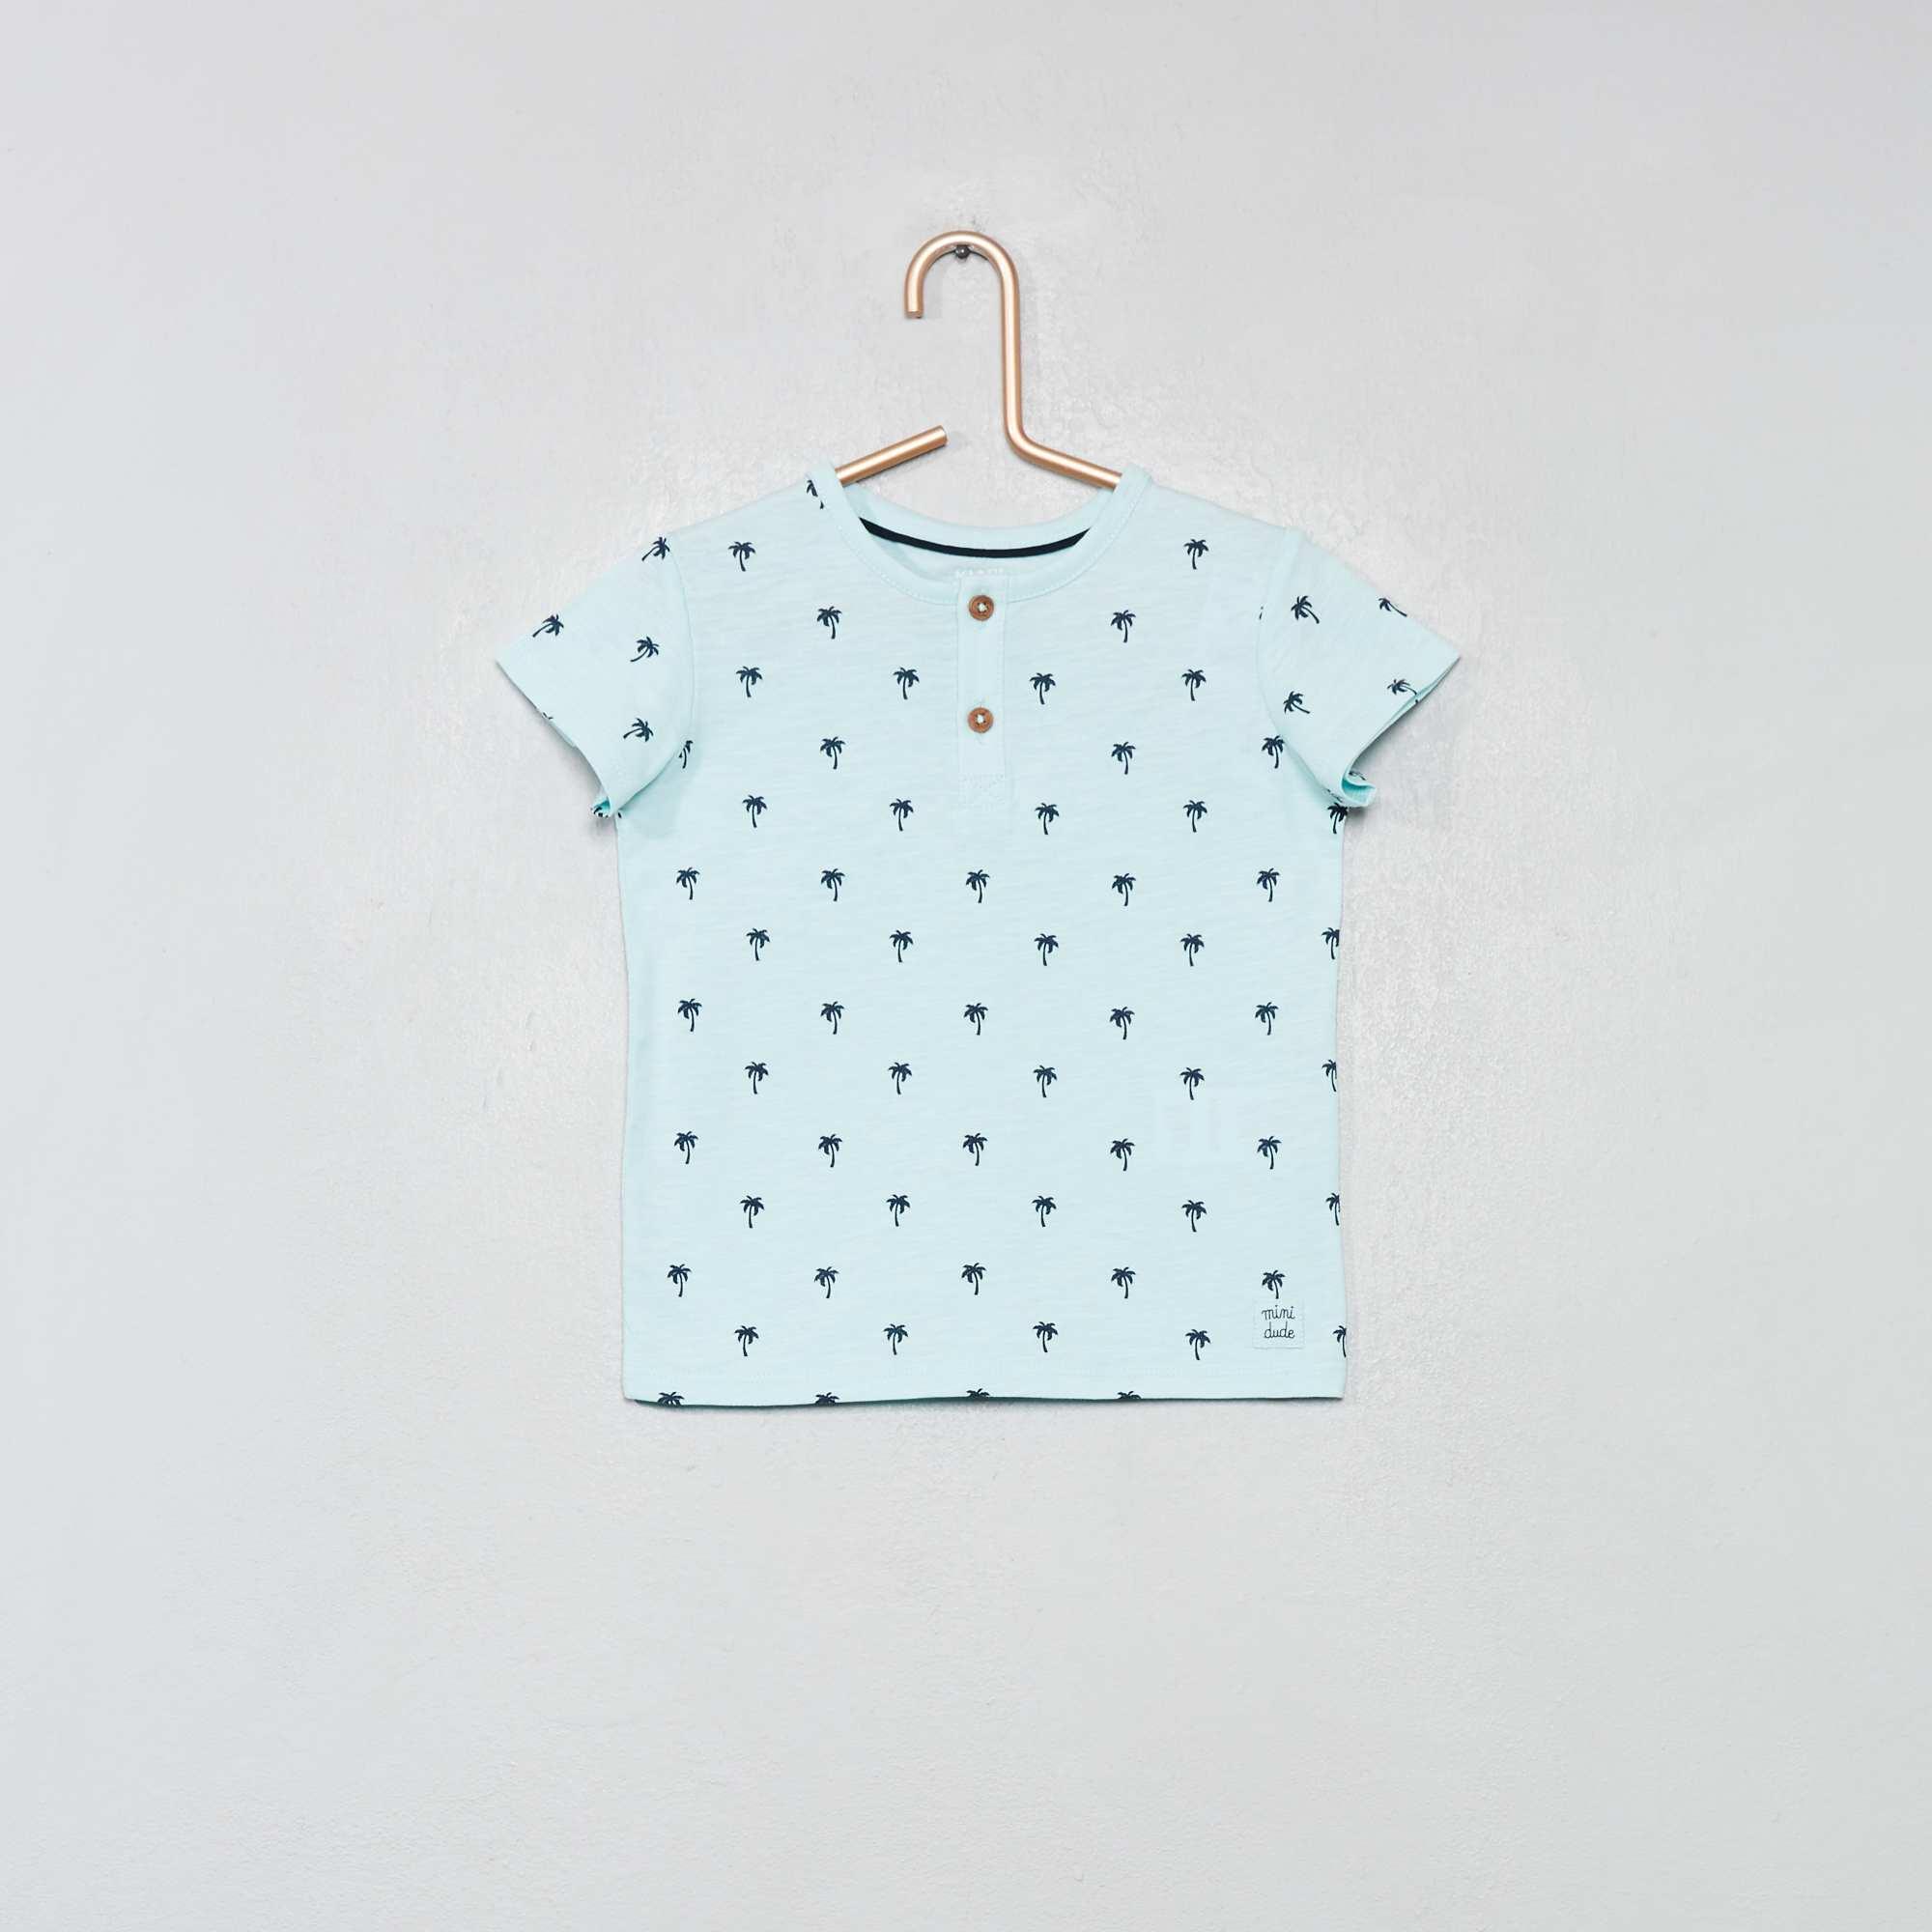 e6c9b8694 Camiseta con cuello panadero de algodón orgánico AZUL Bebé niño. Loading  zoom